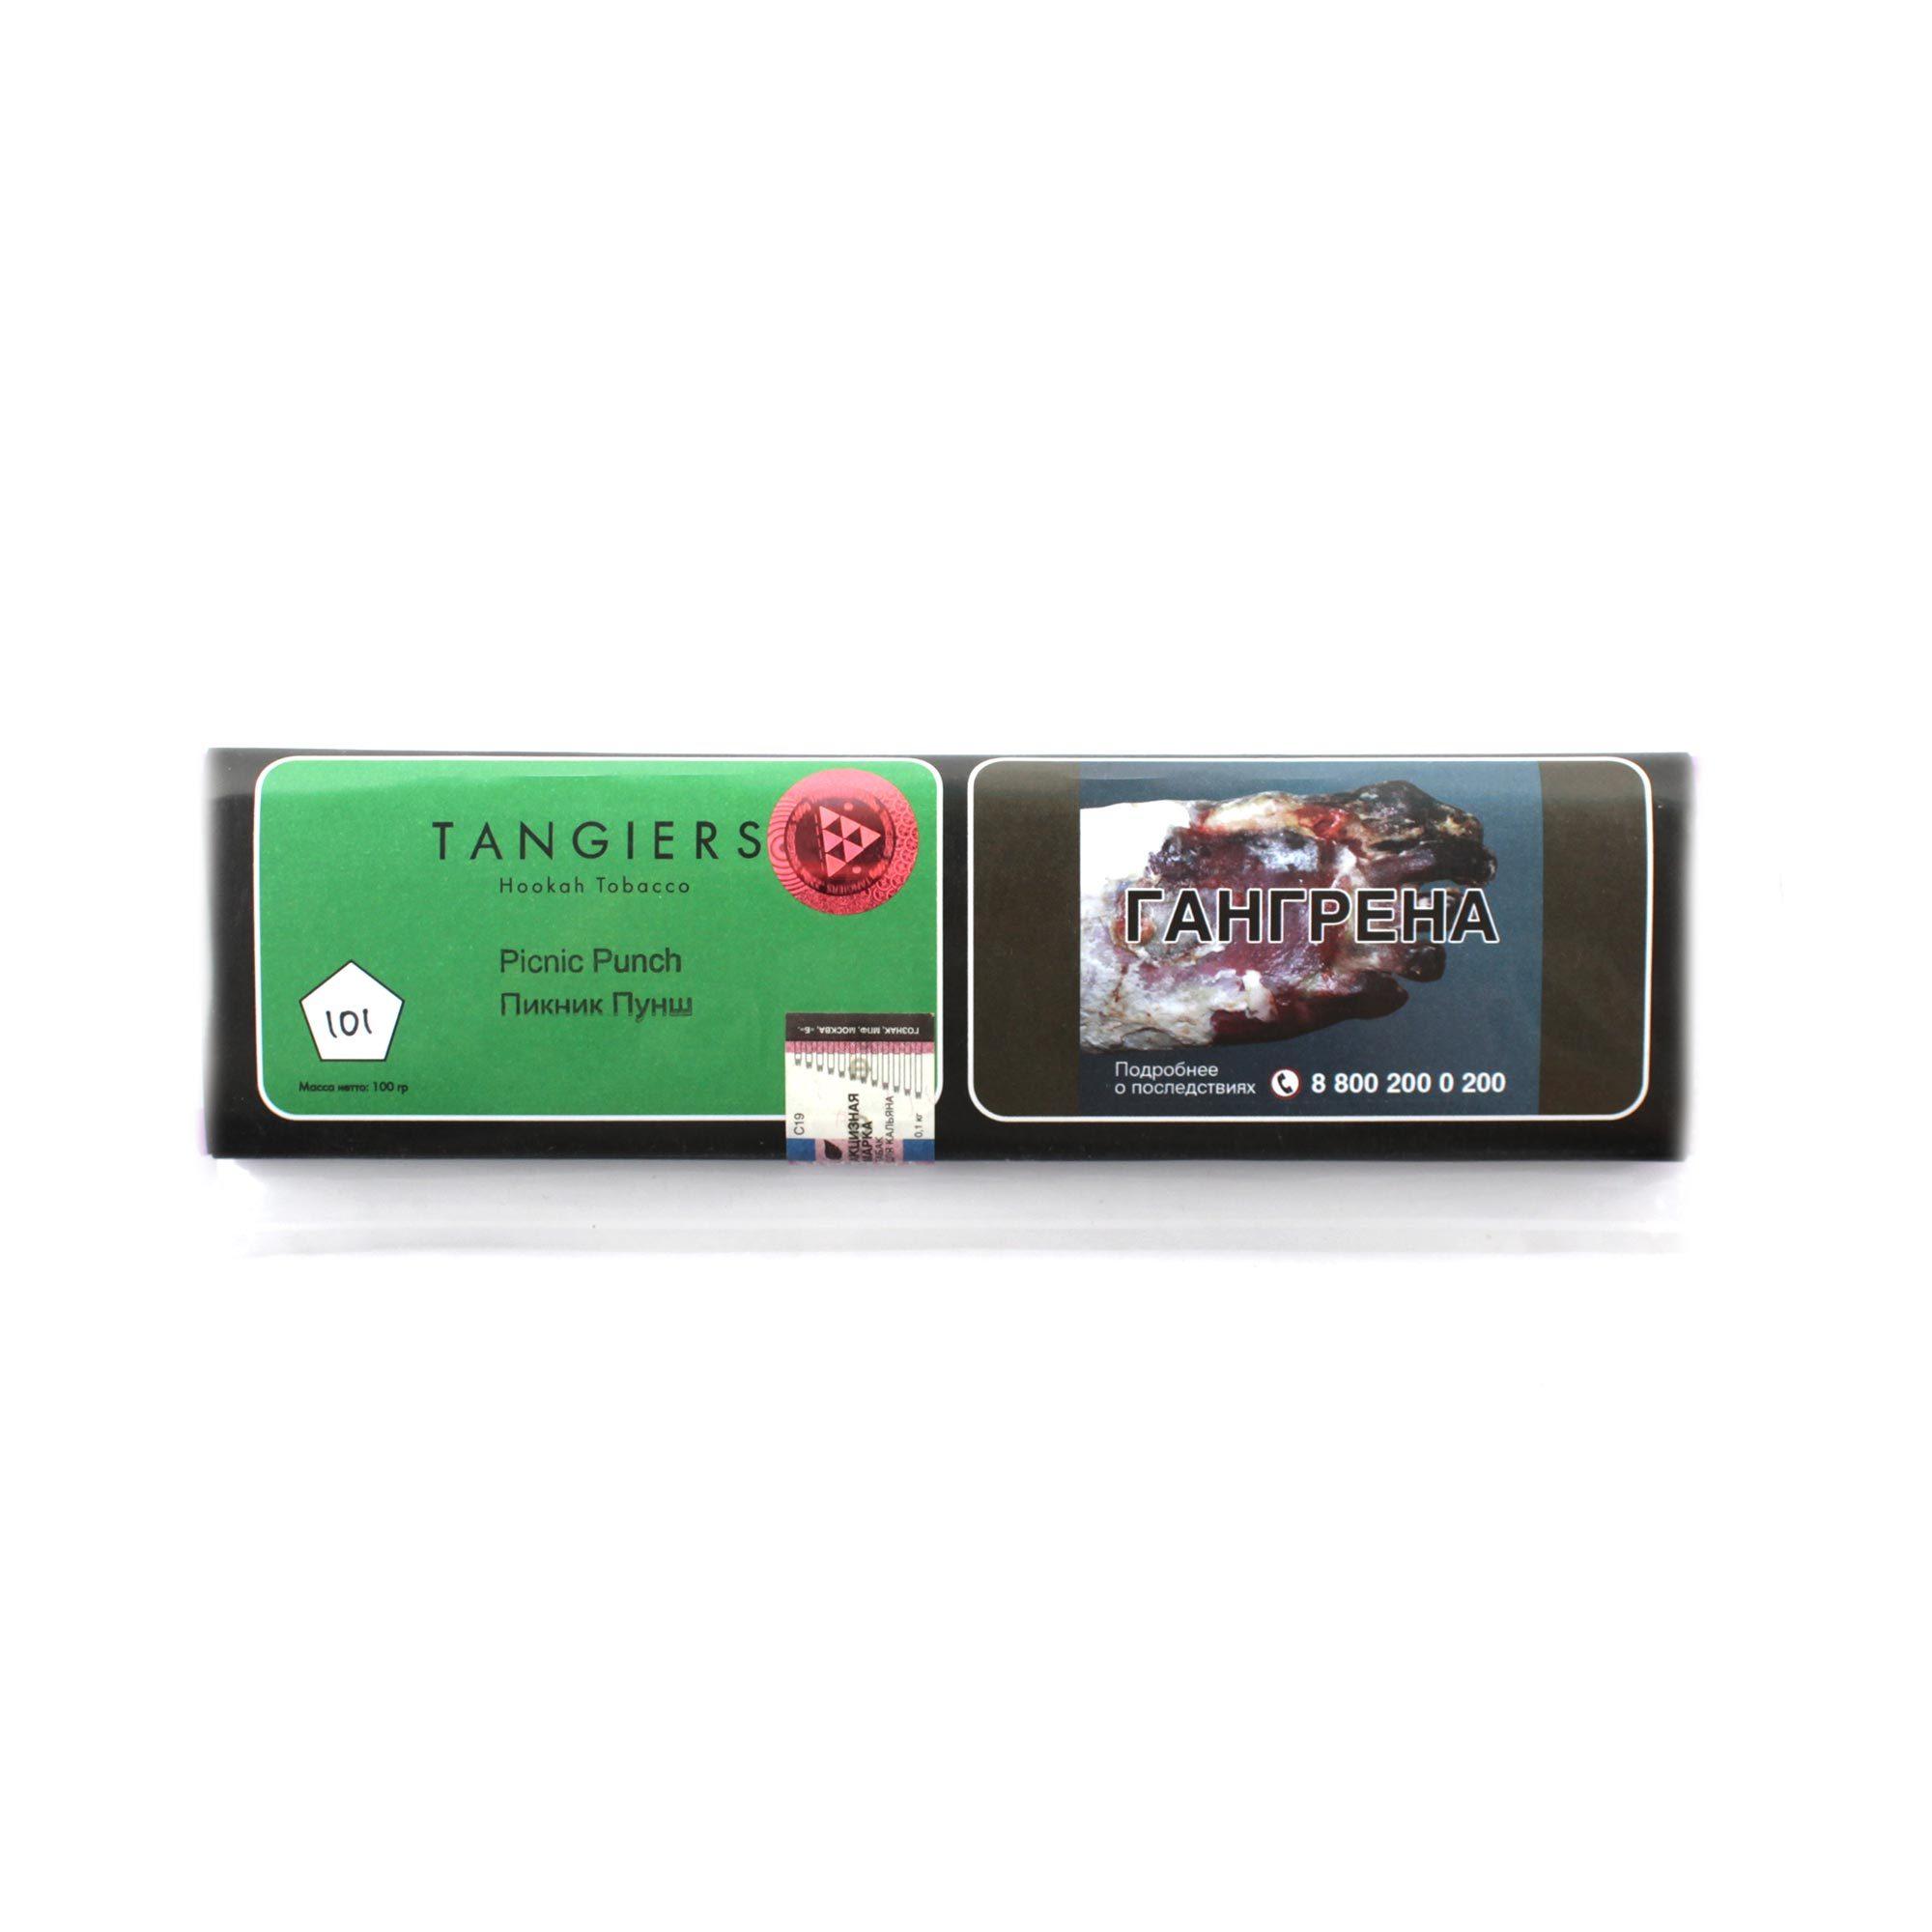 Табак для кальяна Tangiers Birquq (зеленый) 101 Picnic punch